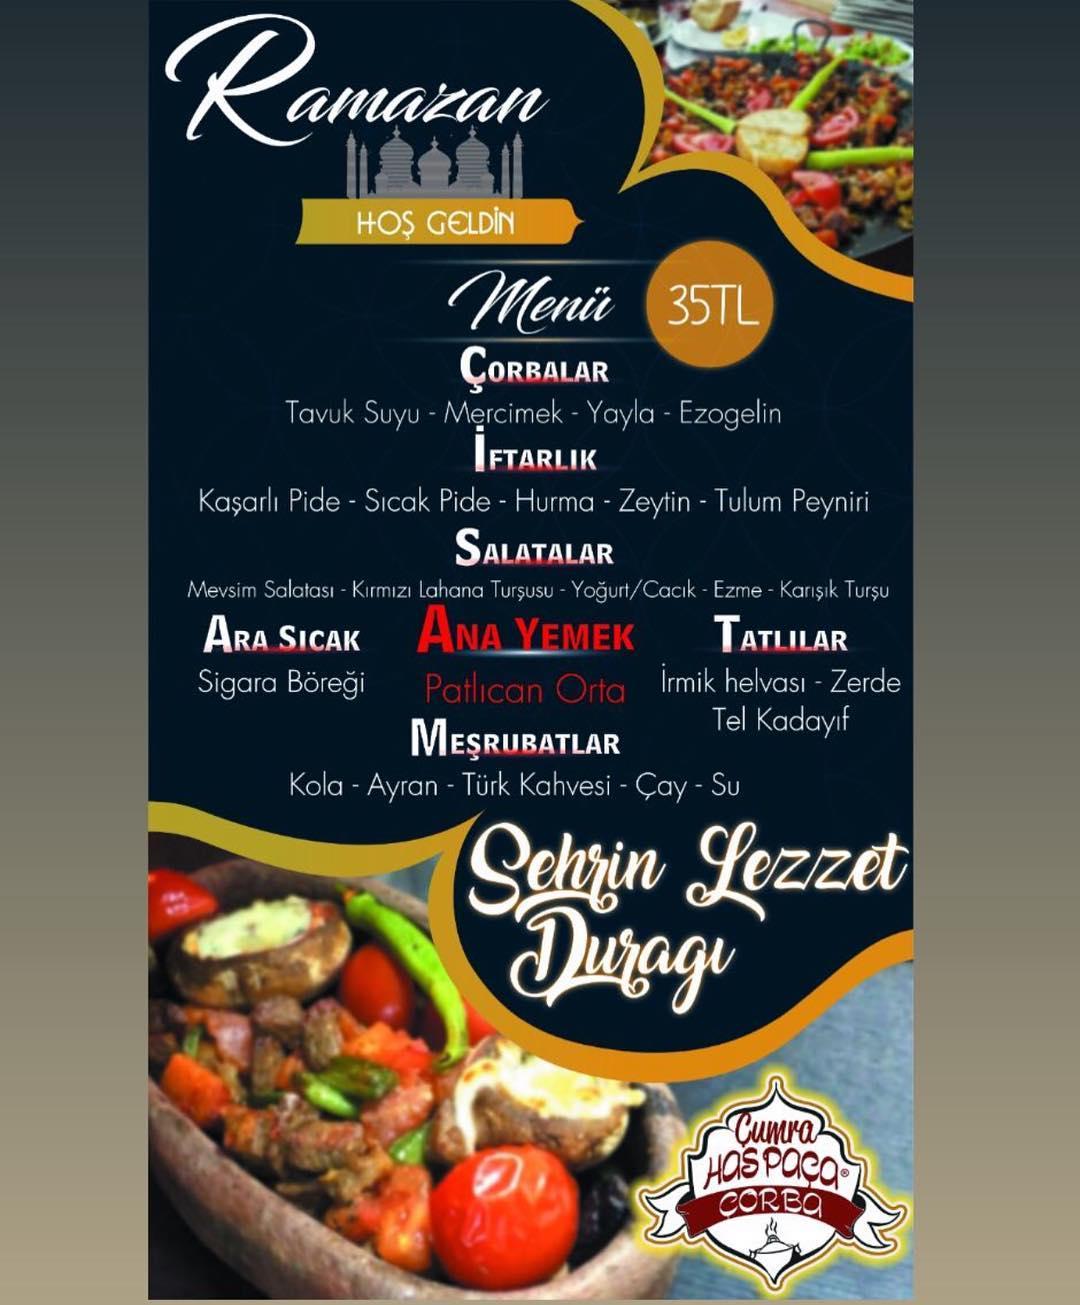 has paça çorba konya tel çumra iftar yemeği konya çumra iftar mekanları konya iftar menüleri fiyatları